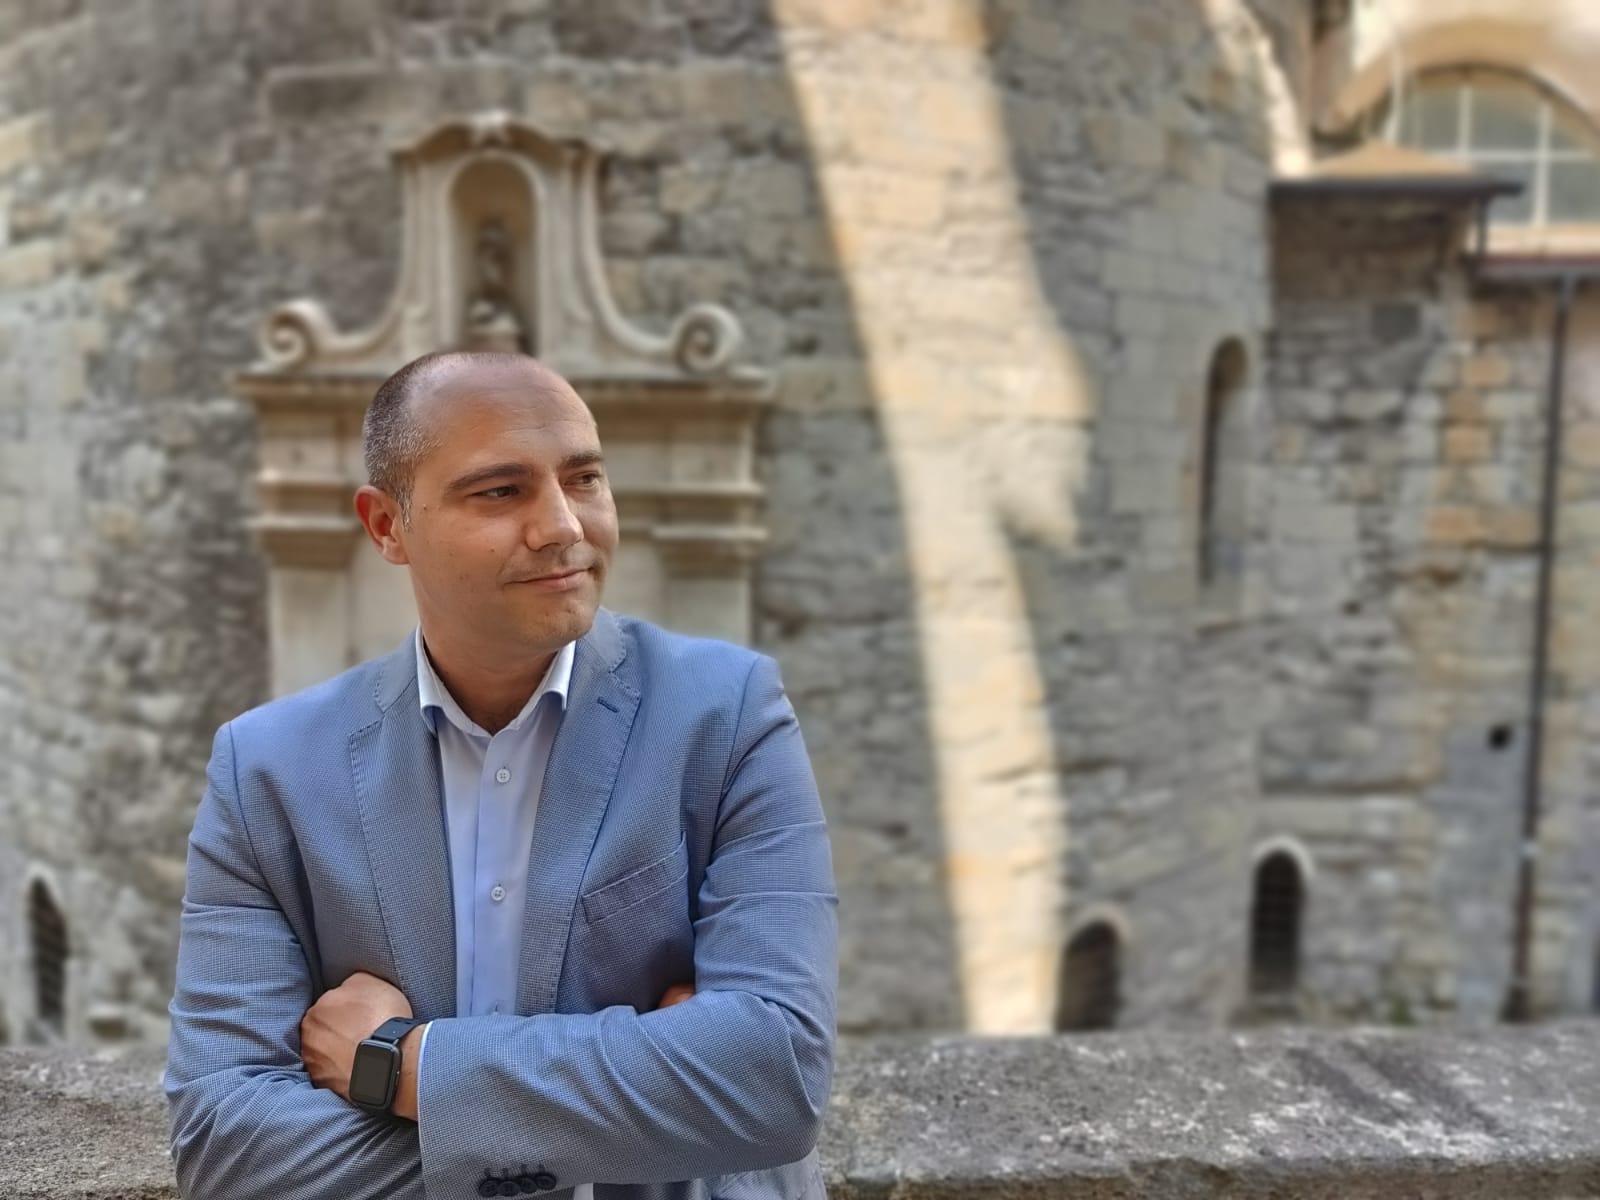 Confesercenti Liguria, pubblici esercizi: Alessandro Simone nuovo presidente Fiepet Genova